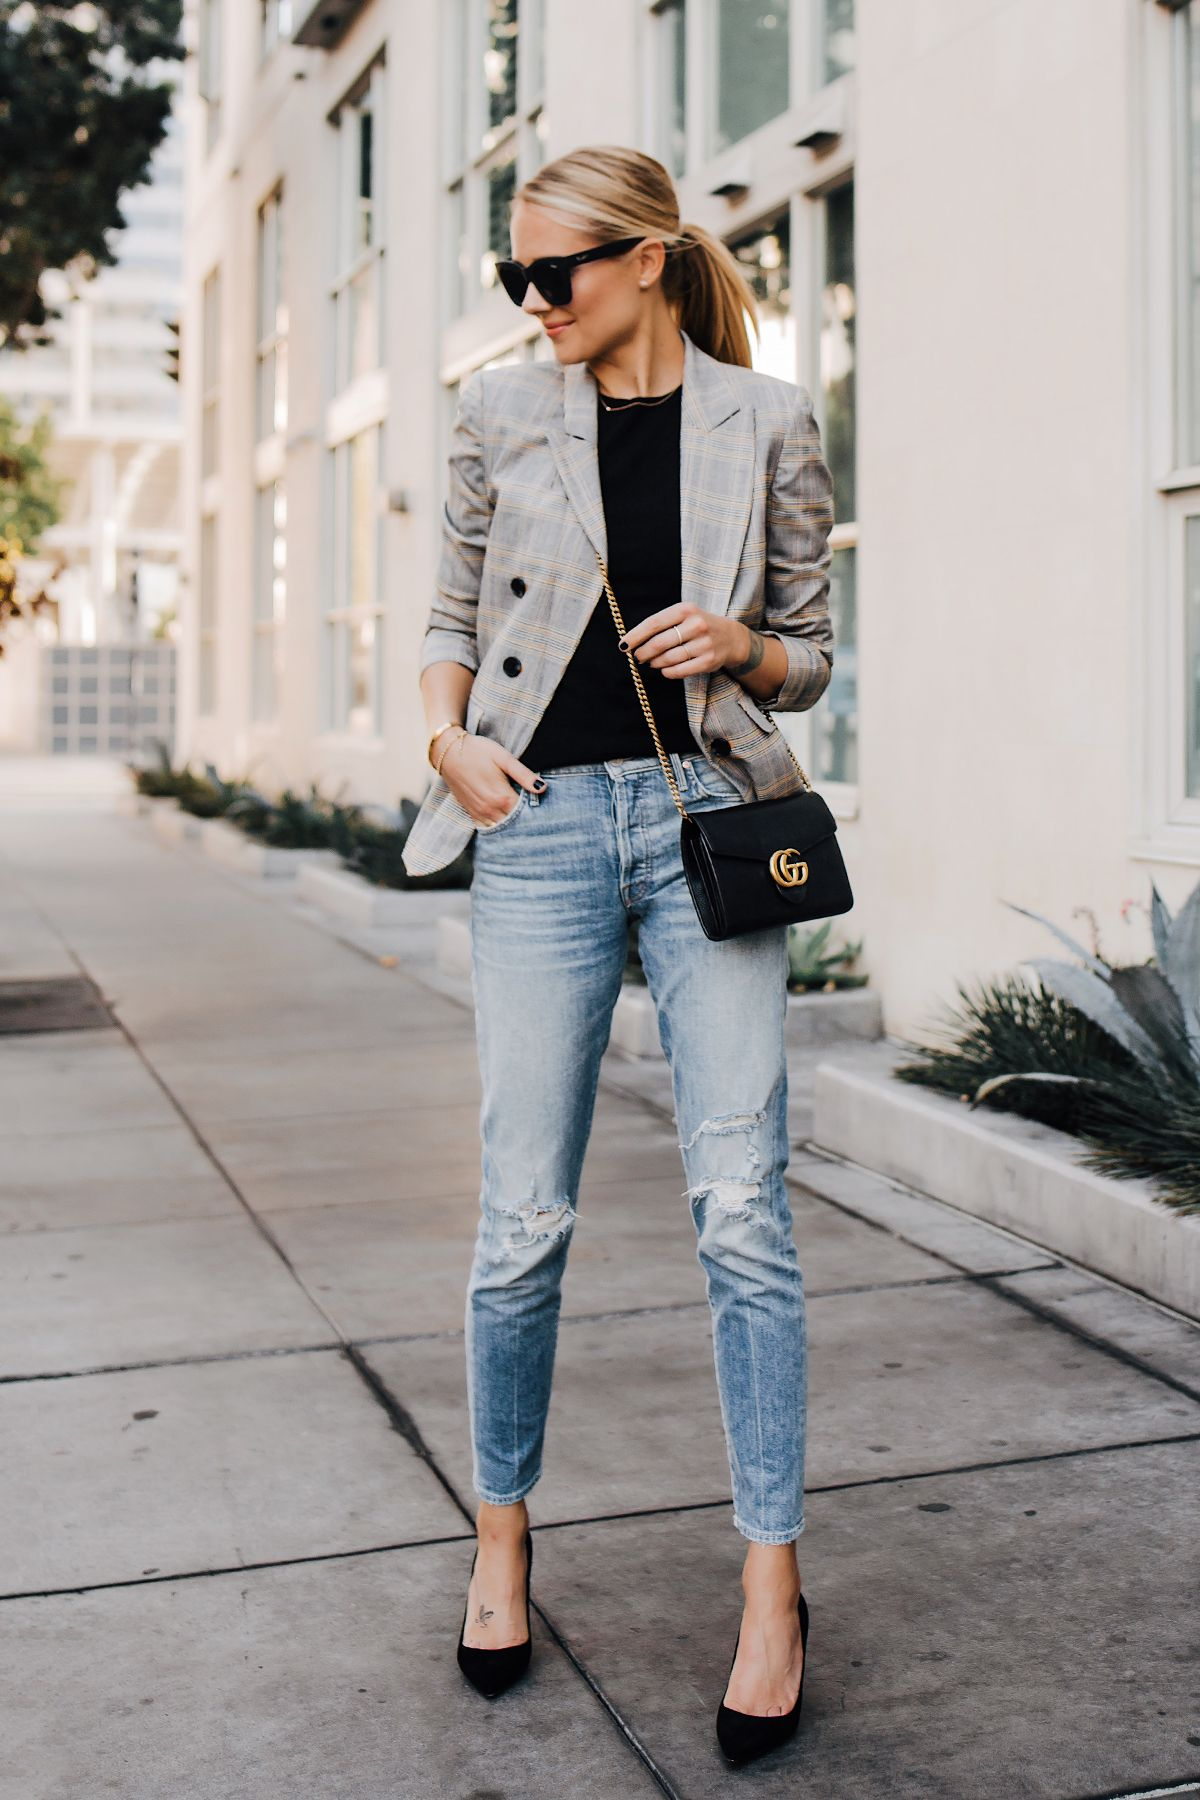 Fashion Jackson Plaid Blazer Mother Ripped Denim Jeans Black Pumps Gucci  Black Handbag Fashion Jackso…   Blazer outfits casual, Fashion jackson,  Plaid blazer outfit